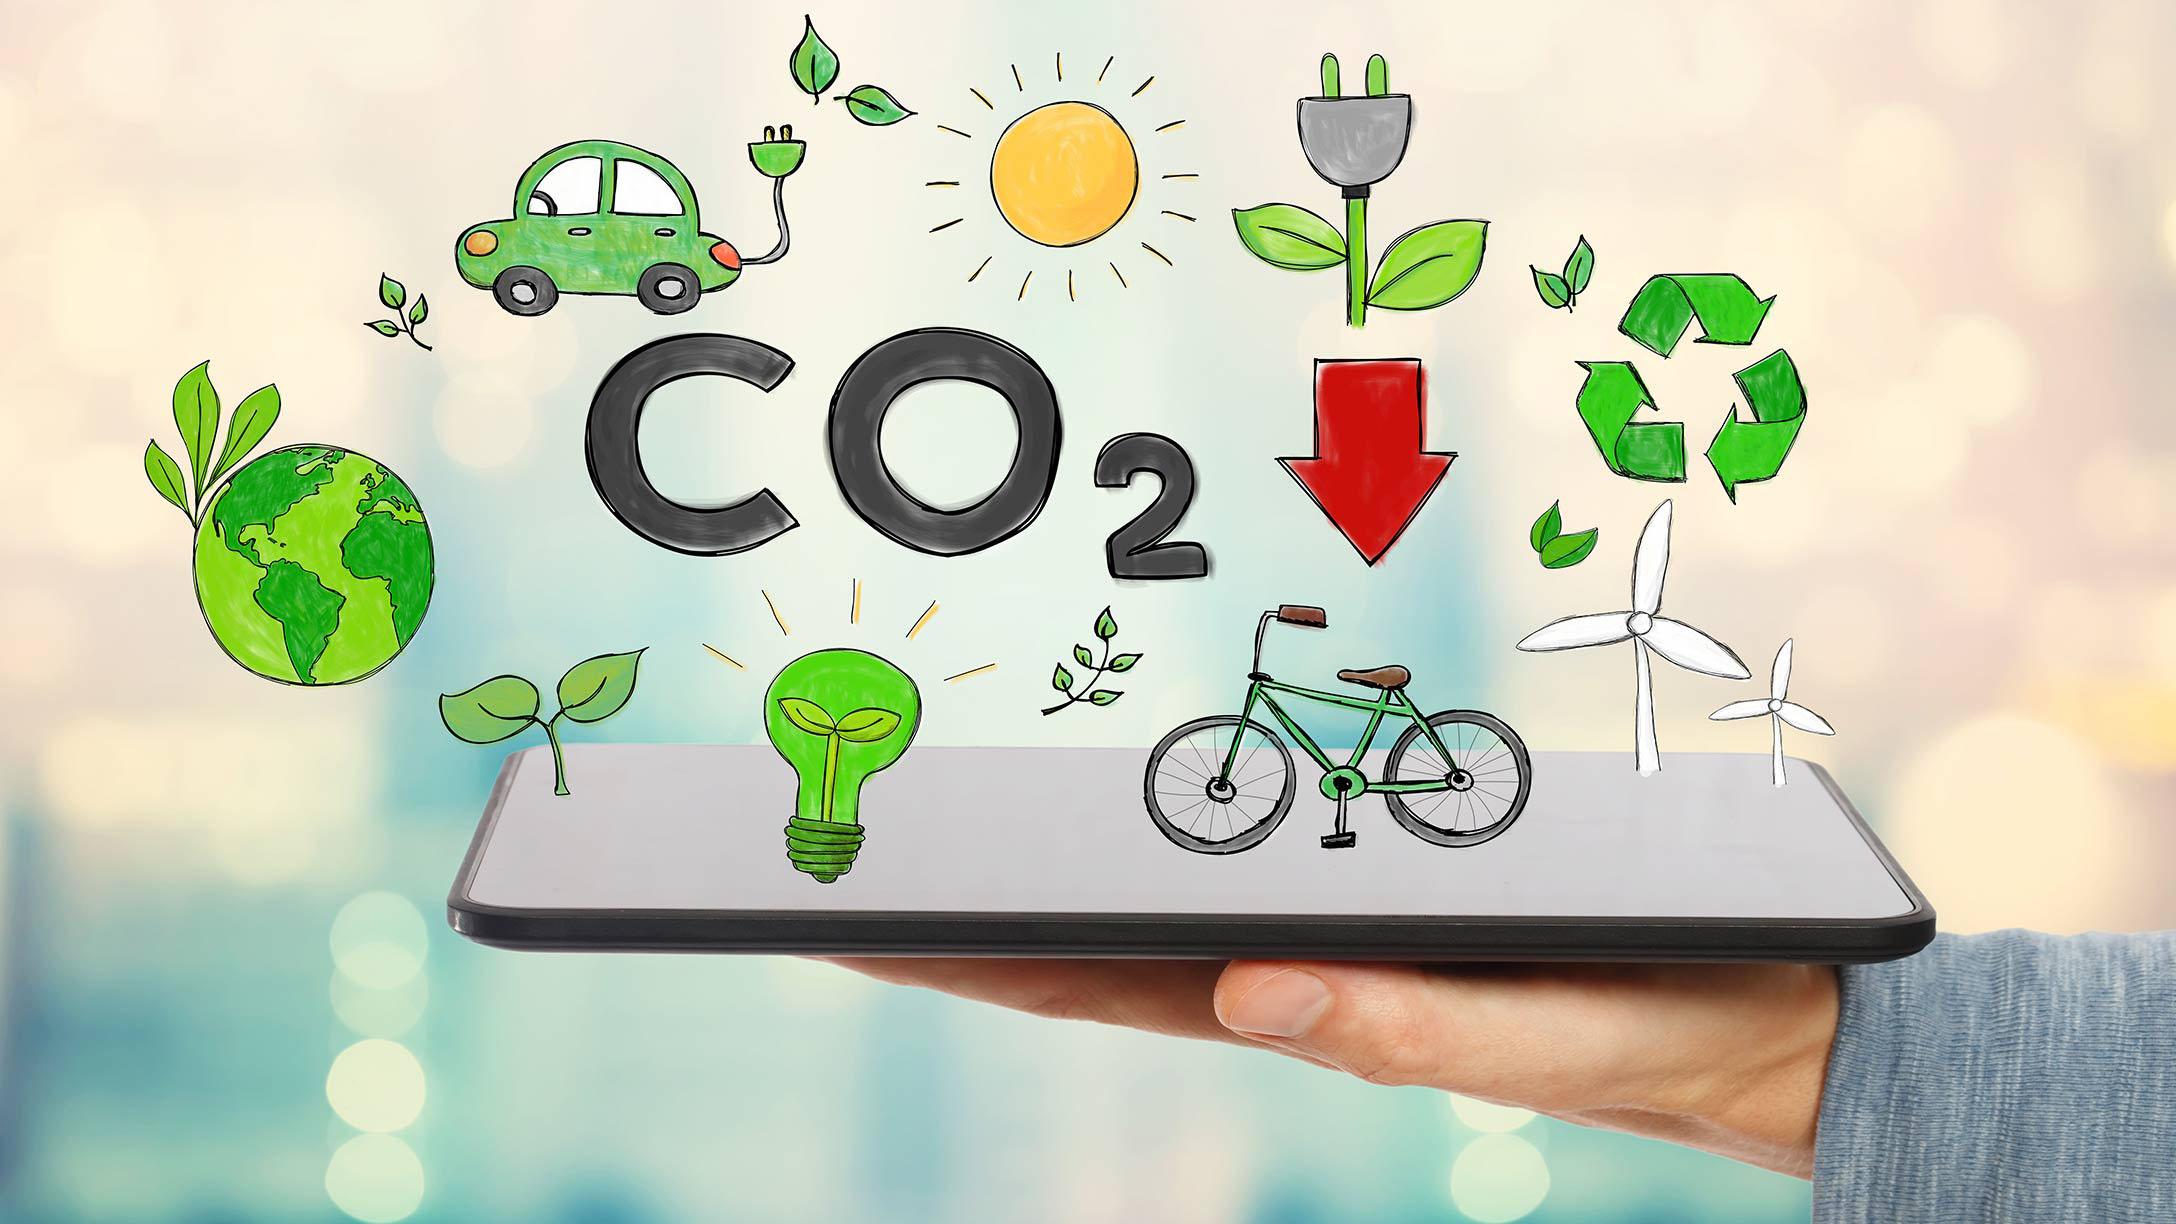 Tablet mit mehreren Symbolen wie CO2, Fahrrad, grüner Planet und mehr.